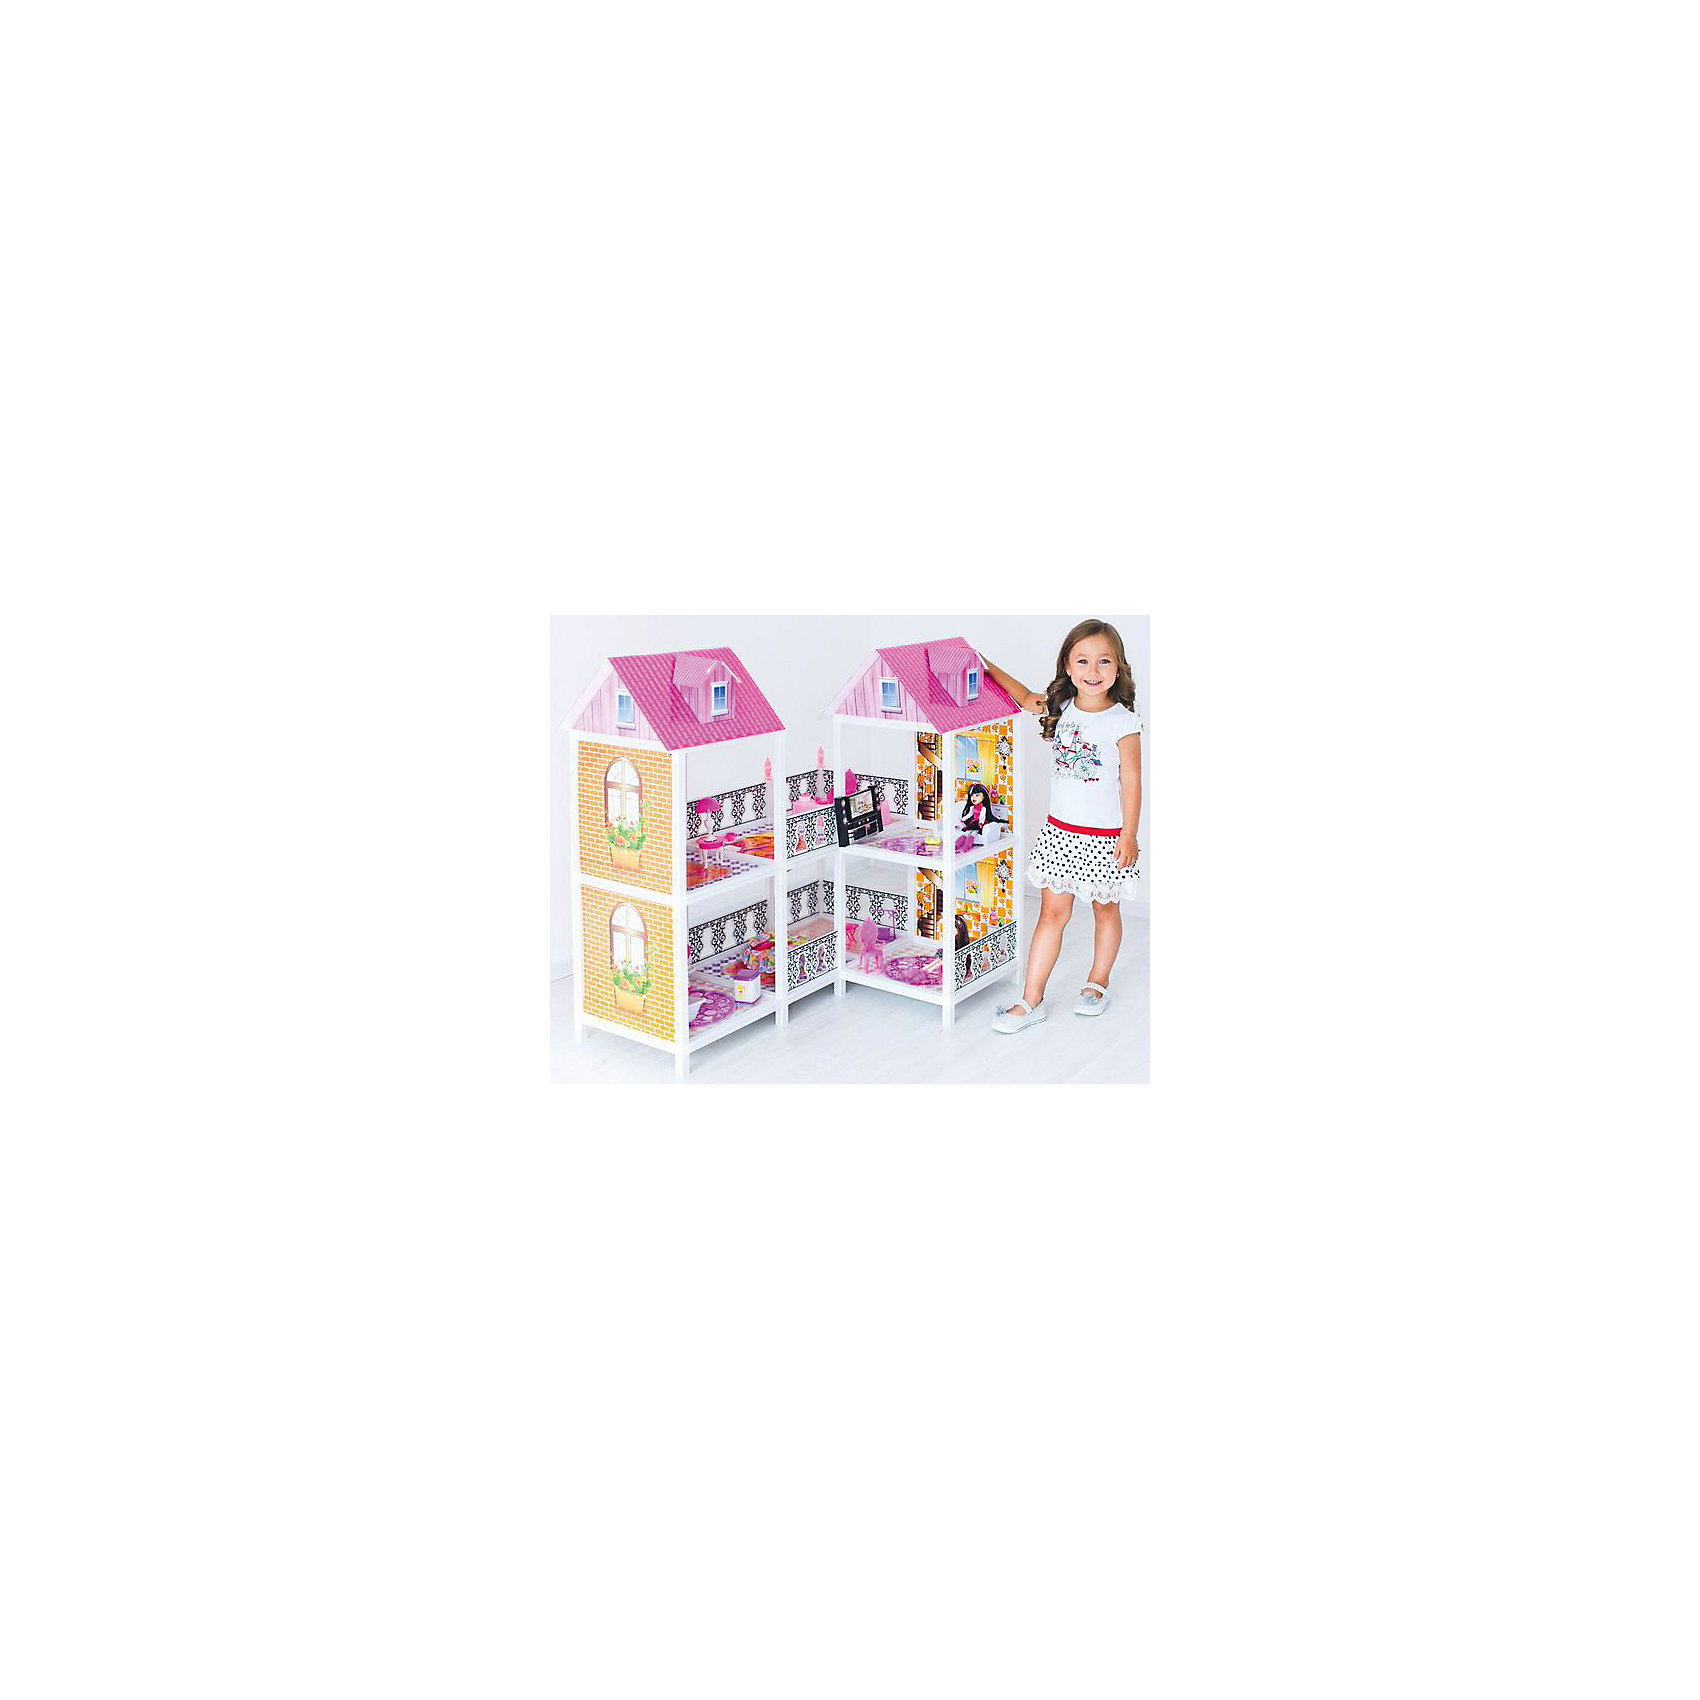 2-этажный кукольный дом (угловой, 4 комнаты, мебель, 2 куклы), PAREMOДомики и мебель<br>2-этажный кукольный дом (угловой, 4 комнаты, мебель, 2 куклы), PAREMO (Паремо).<br><br>Характеристики:<br><br>? Материал: пластик, картон, текстиль.<br>? Домик имеет открытую конструкцию<br>? 2 этажа, 4 комнаты, открытый балкон.<br>? Цвет: розовый, белый.<br>? Подходит для кукол высотой до 30 см. (Так называемый, Барби-формат).<br>? Конструкция продается в разобранном виде. Инструкция по сборке входит в комплект.<br>? Размер игрушки в собранном виде - 103х14х36 см.<br>? Размер упаковки - 83х44х12 см.<br>? Вес 12 кг. <br><br>В комплекте:<br><br>• 20 предметов мебели: диван, тумба под телевизор, телевизор, домашний кинотеатр, большой обеденный стол, 3 стула, круглая кровать, стол для торшера, торшер, кресло – качалка, унитаз, ванна, стиральная машина, раковина с зеркалом, ведро, уборочная тележка, гладильная доска, утюг.<br>• 2 куклы с аксессуарами.<br><br>2-этажный кукольный дом (угловой, 4 комнаты, мебель, 2 куклы), PAREMO (Паремо) –это игрушка- мечта от российского производителя. Очаровательный дом предназначен для сюжетно-ролевых игр («Семья», «Дочки- матери» и т. п.) Домик выполнен в нежных бело-розовых тонах с ярко- розовой крышей, имитирующей черепичную кладку. Внутренний декор поддерживает цветовое решение. Стены, пол, потолок декорированы под различные типы покрытий- плитка, обои, ковролин. В доме 2 этажа, 4 просторных комнаты. Юная леди, проявив фантазию, самостоятельно может расположить комнаты по своему вкусу. Игры с таким домиком помогают развить в девочке фантазию, творческие способности, поможет ребенку почувствовать себя взрослой и самостоятельной. Материалы, из которых изготовлен домик, полностью соответствуют российским стандартам безопасности. Ваша малышка будет счастлива, получить в подарок славный нарядный домик для своих любимых кукол!<br><br>2-этажный кукольный дом (угловой, 4 комнаты, мебель, 2 куклы), PAREMO, можно купить в нашем интернет – магазине.<br><br